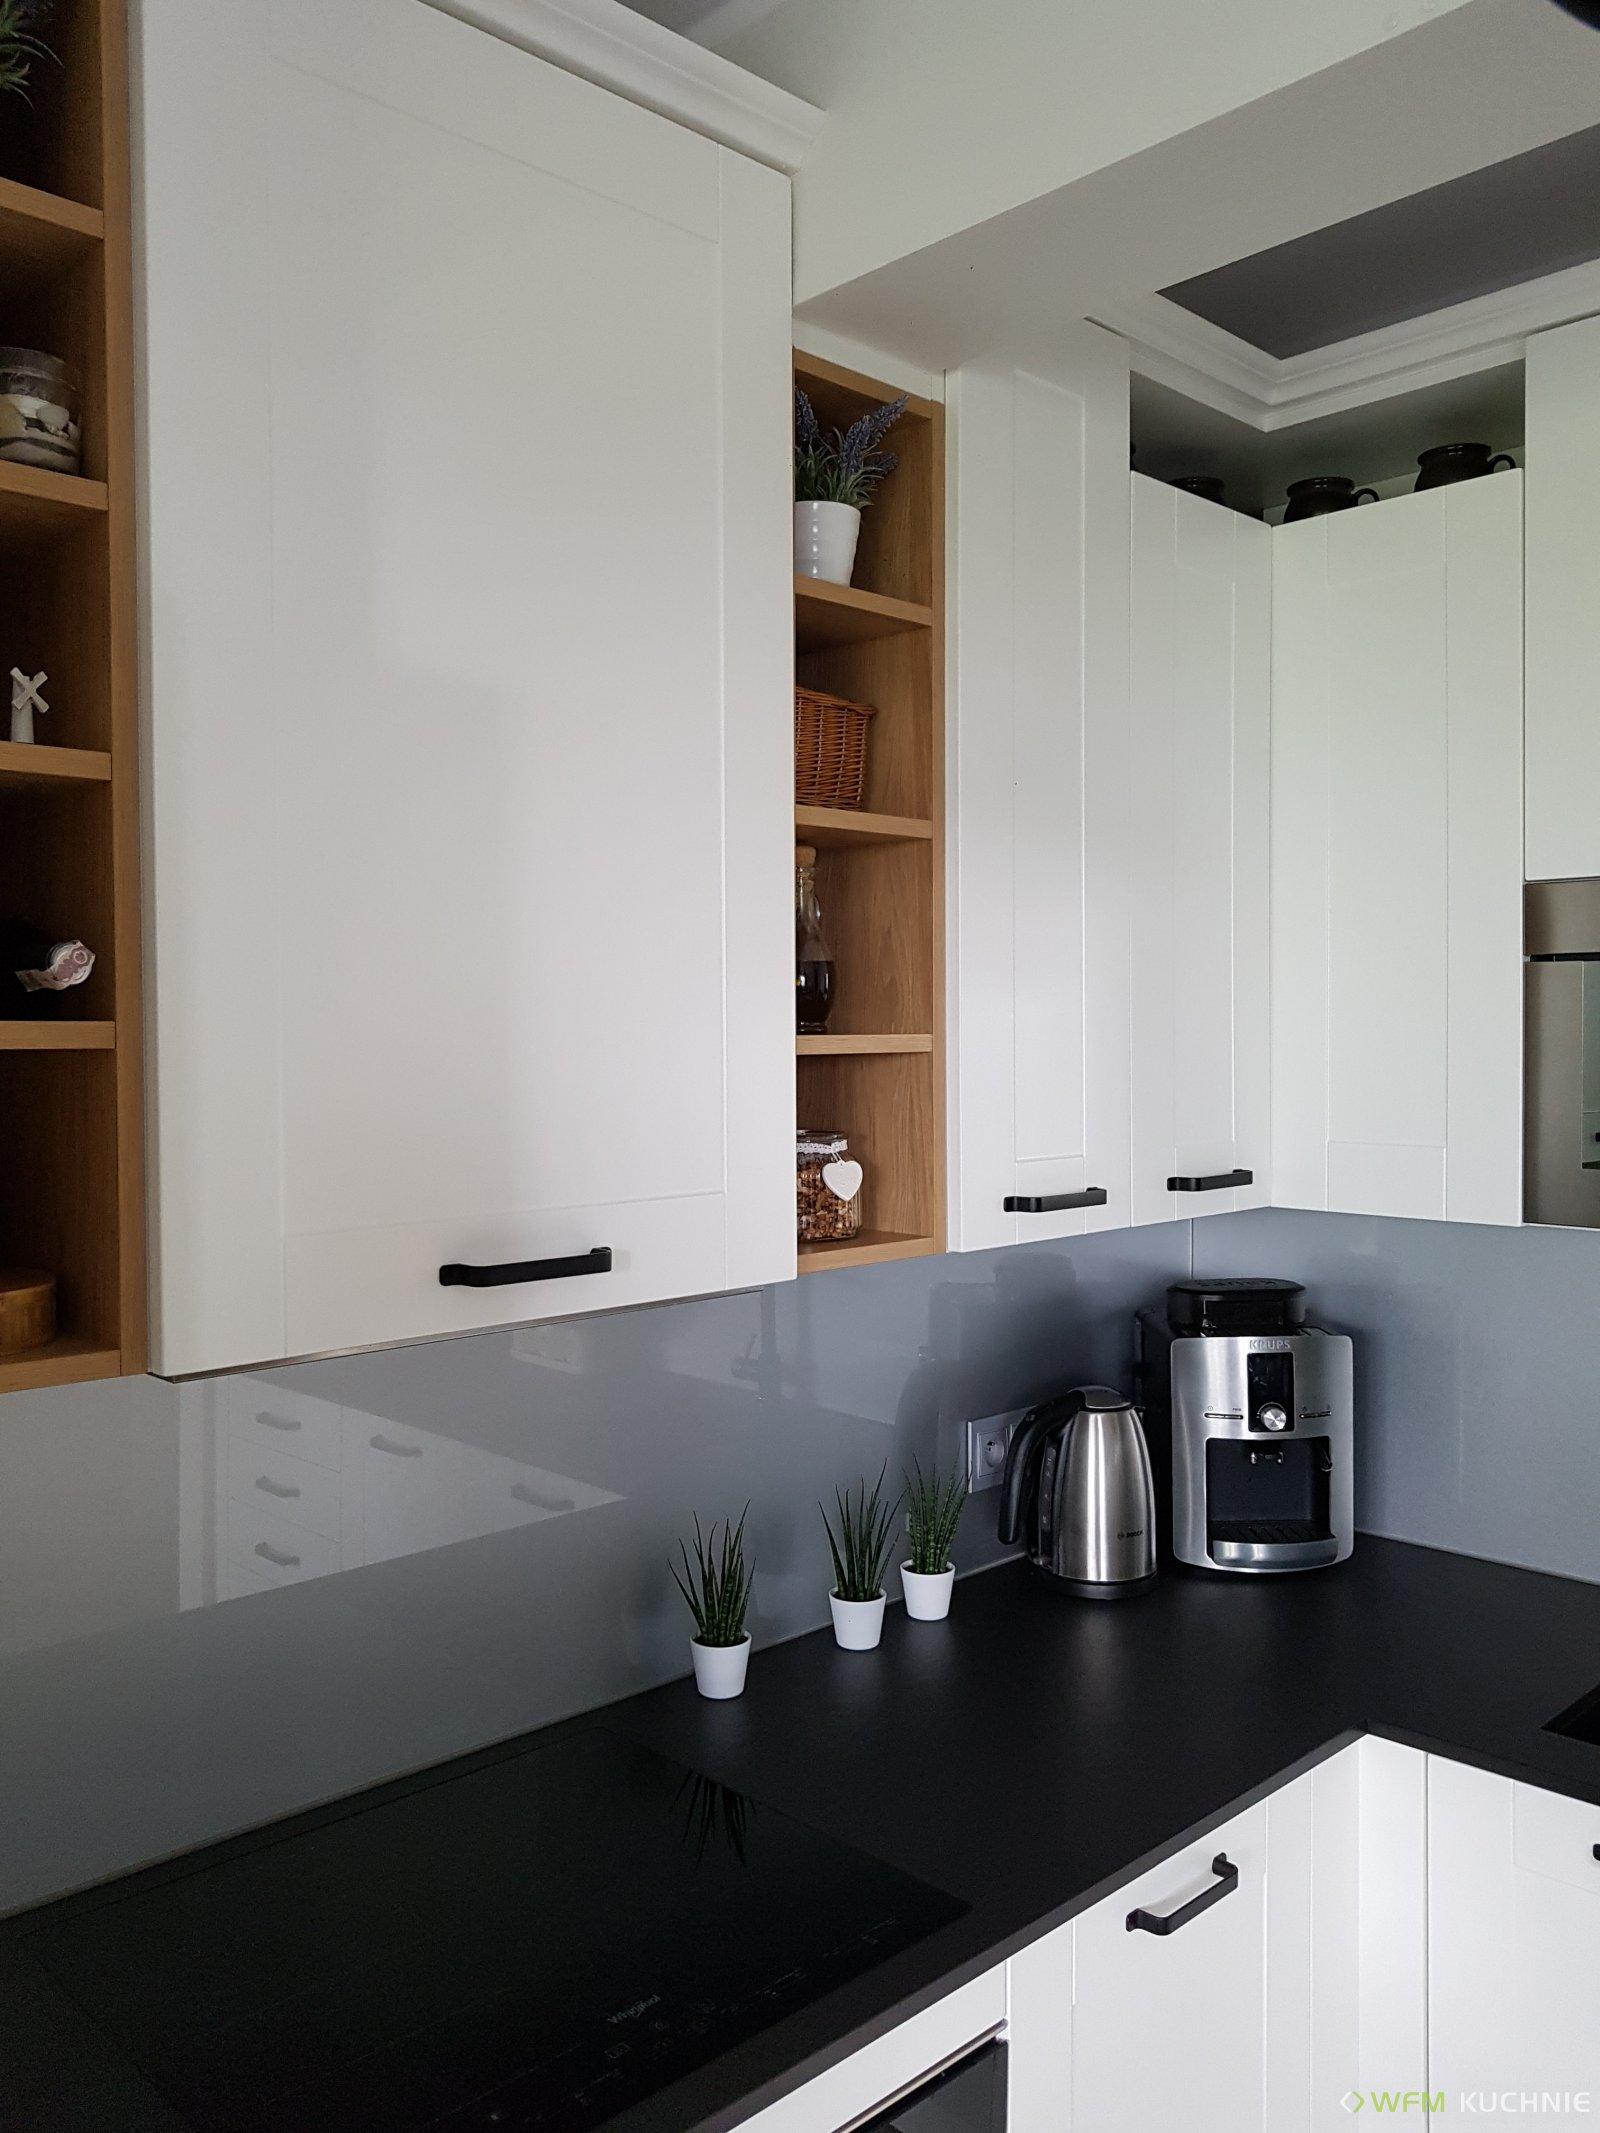 Kuchnie na wymiar WFM FLORINA II biały mat z akcentami drewnopodobnymi w kolorze hikora naturalna - Meble kuchenne Kraków - WFM KUCHNIE Kraków